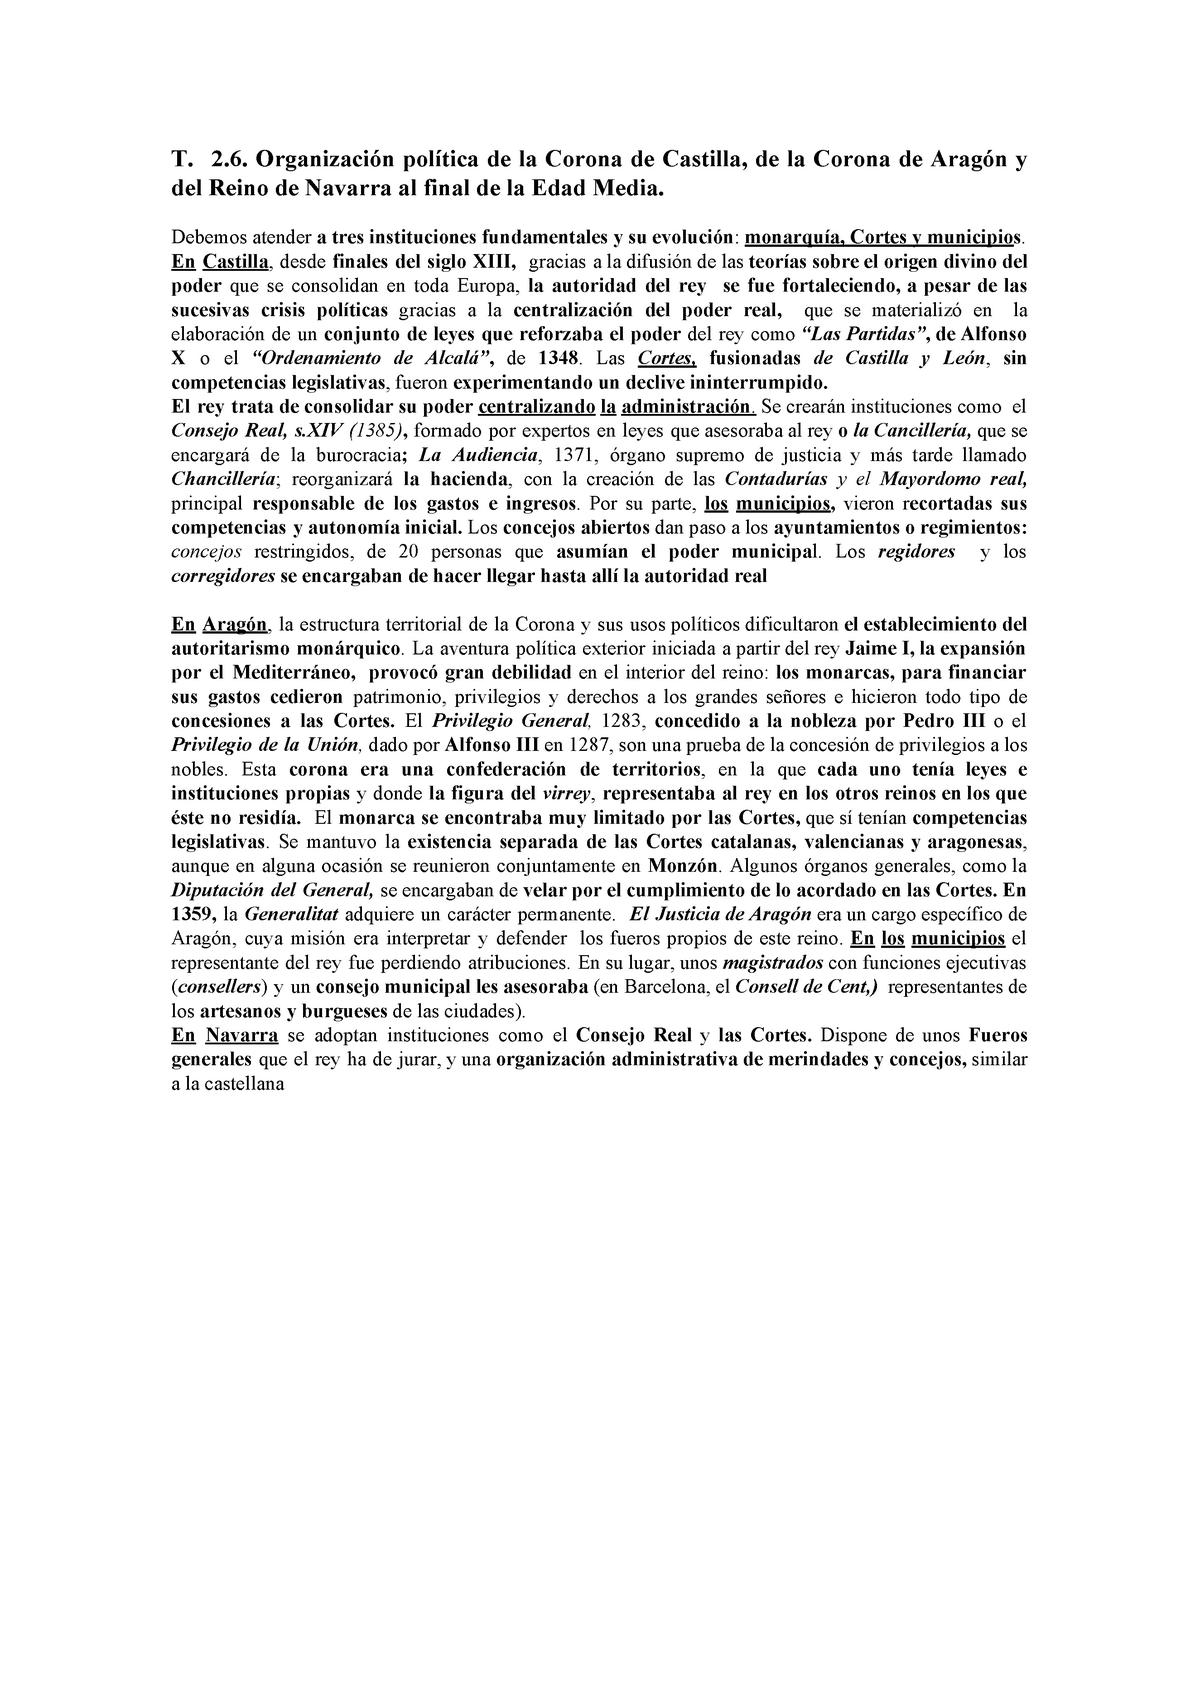 T 2 6 Organización Política De La Corona De Castilla De La Corona De Aragón Y Del Reino De Navarra Al Final De La Edad Me Studocu